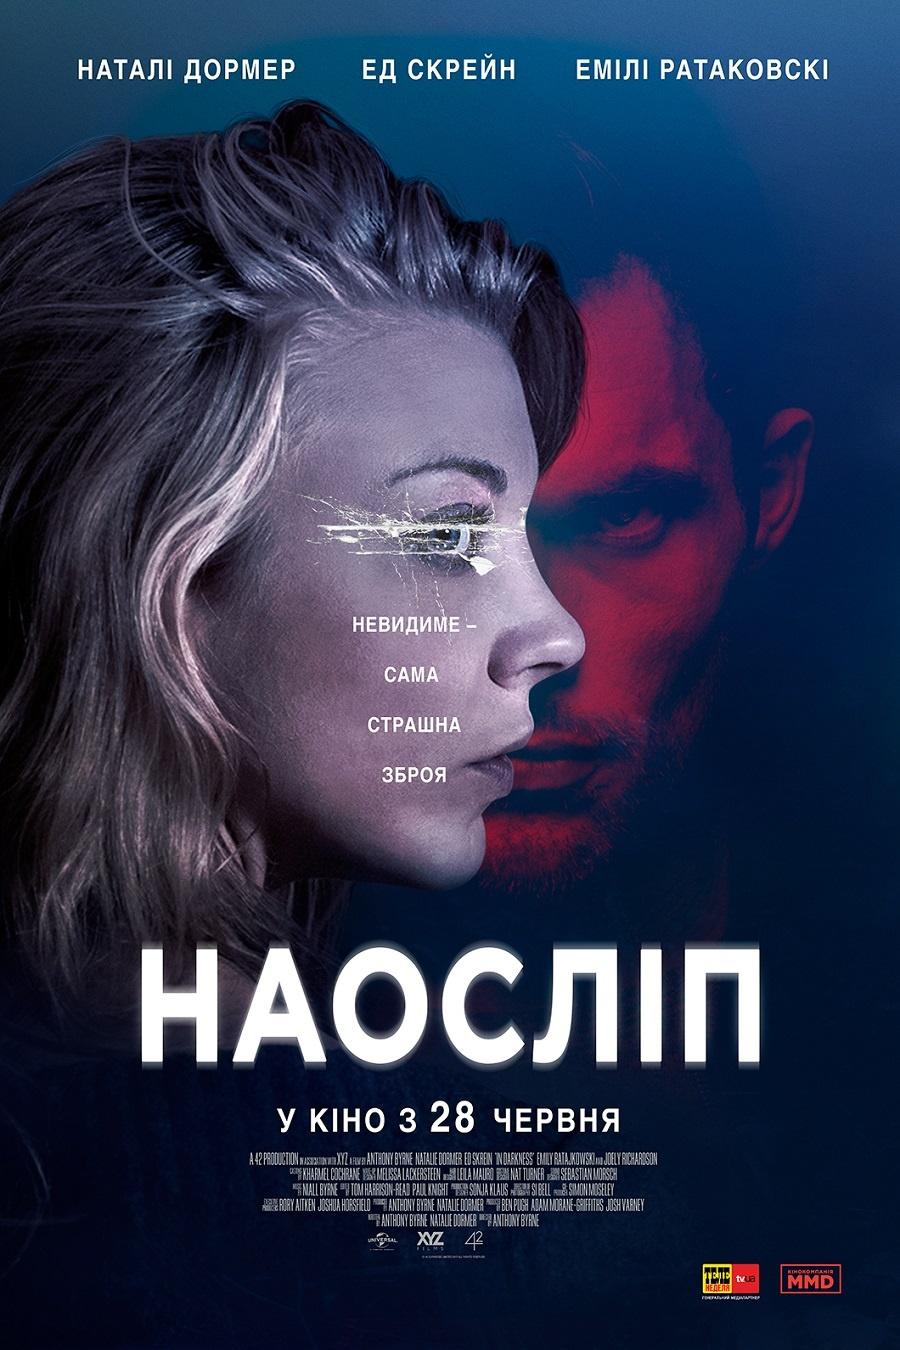 v-ukraine-startuet-pokaz-trillera-so-zvezdami-igry-prestolov-i-dedpula-4